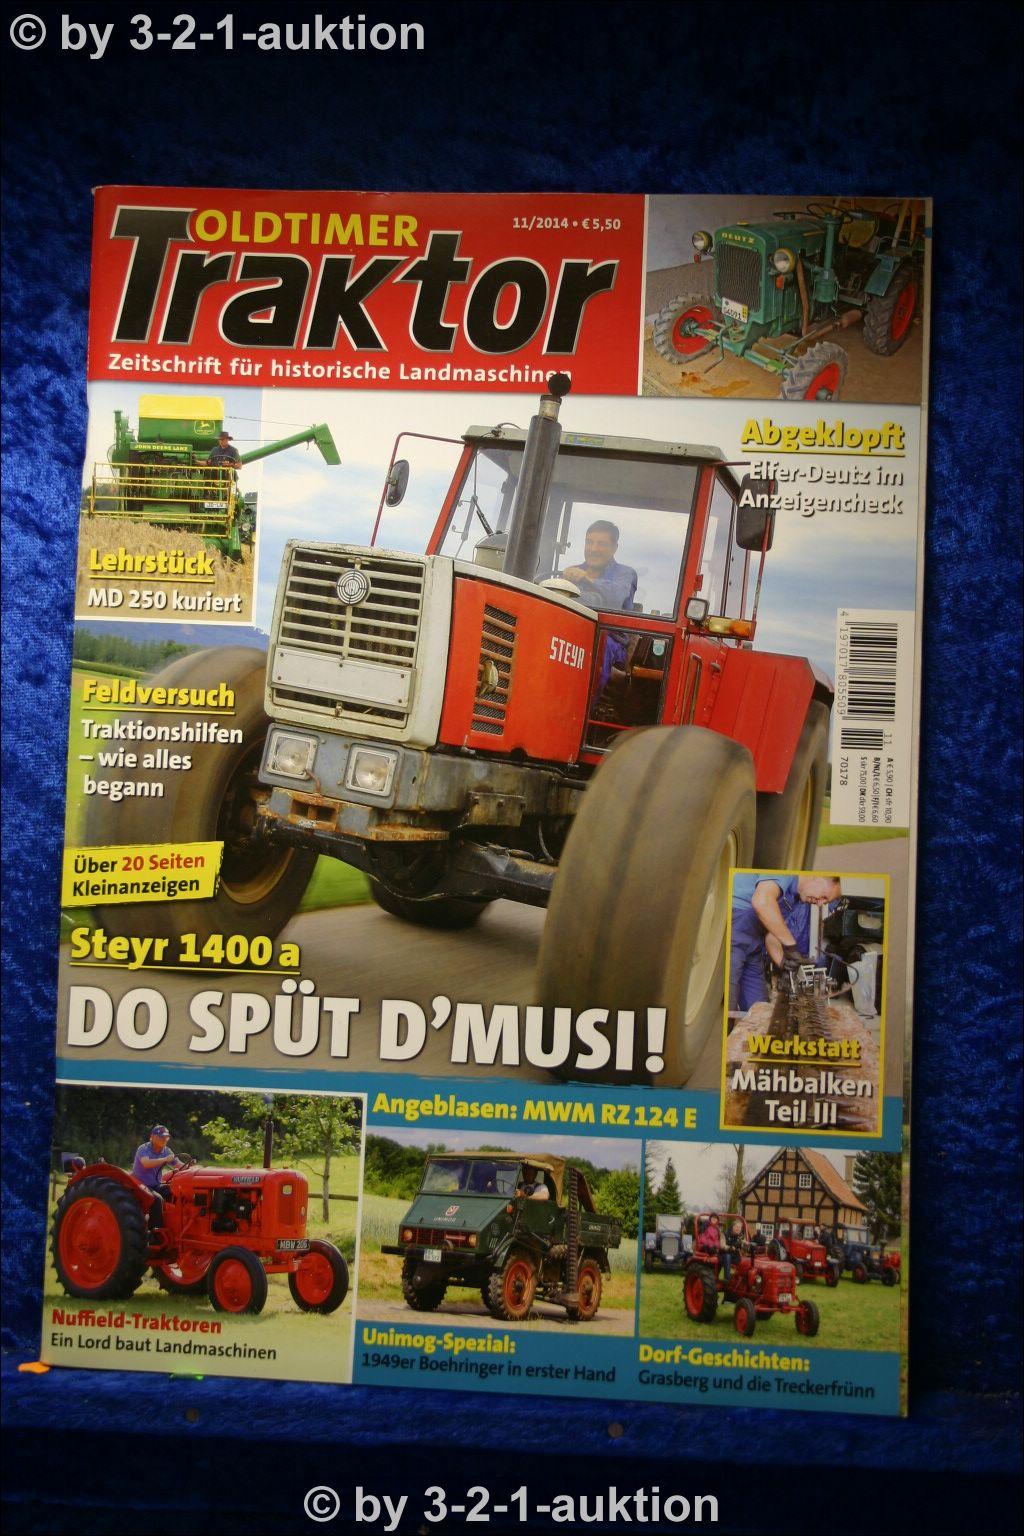 oldtimer traktor 11 14 steyr 1400a nuffield unimog spezial. Black Bedroom Furniture Sets. Home Design Ideas